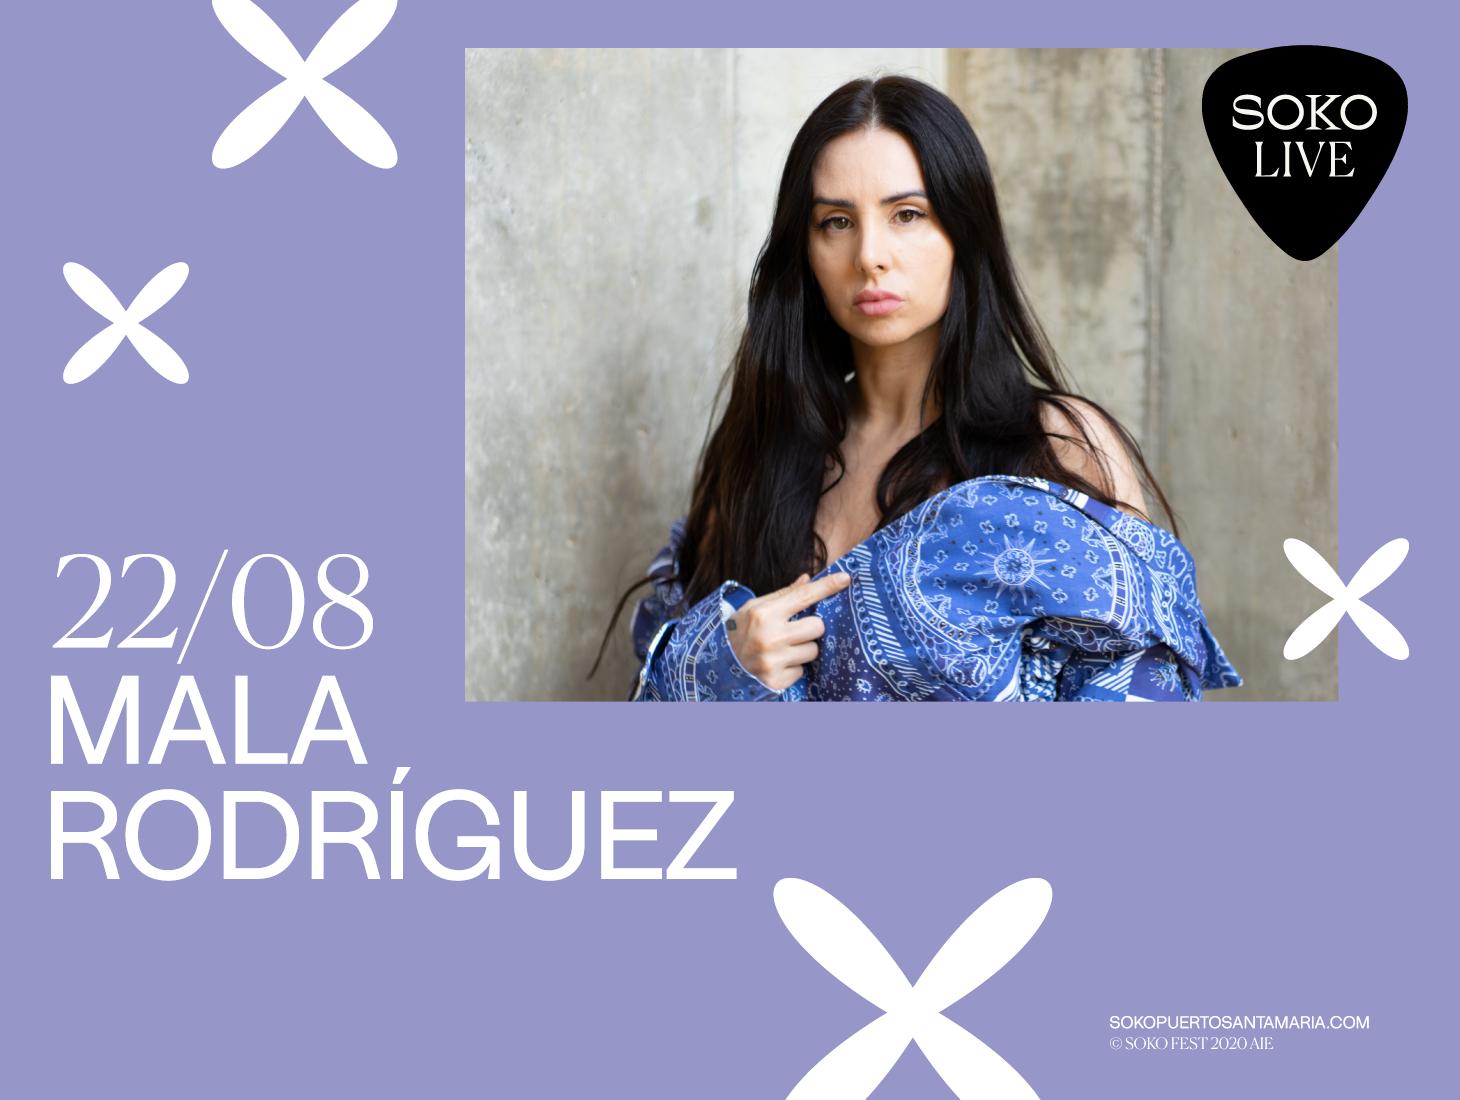 mala-rodriguez-soko-live-sabado-22-de-agosto-5ef4b3e3ae563.png